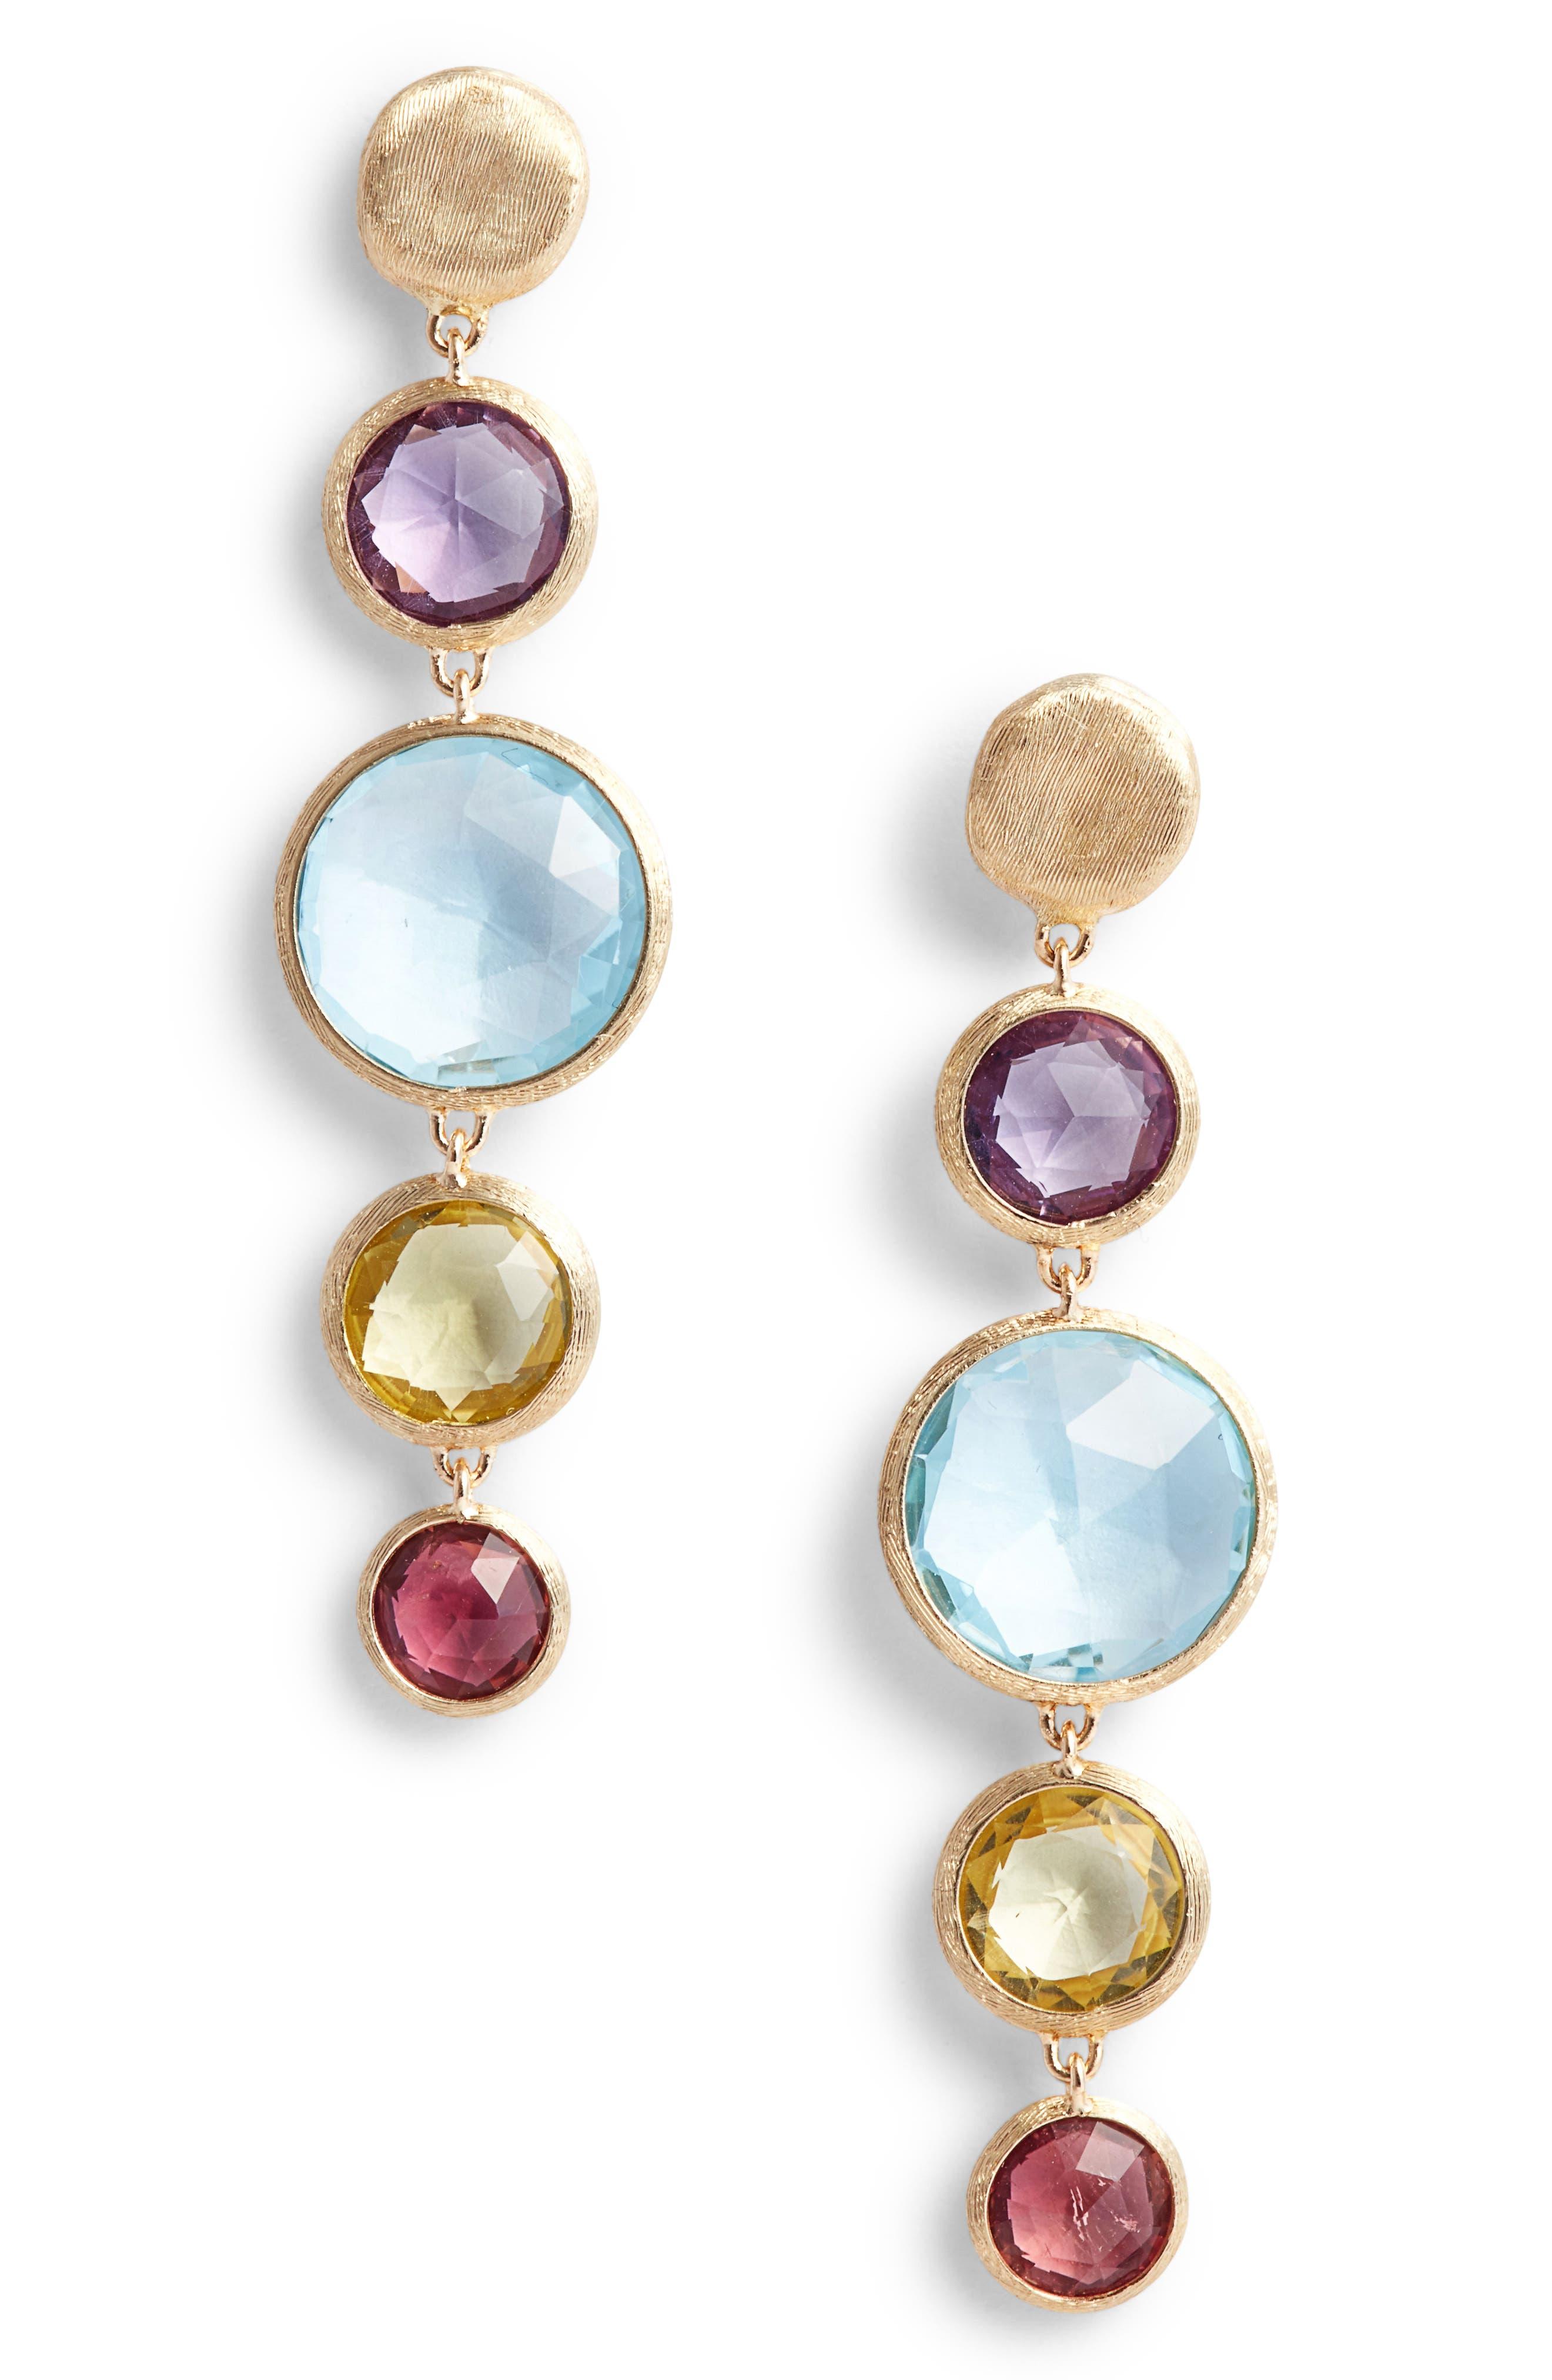 Jaipur Semiprecious Stone Drop Earrings,                             Main thumbnail 1, color,                             YELLOW GOLD